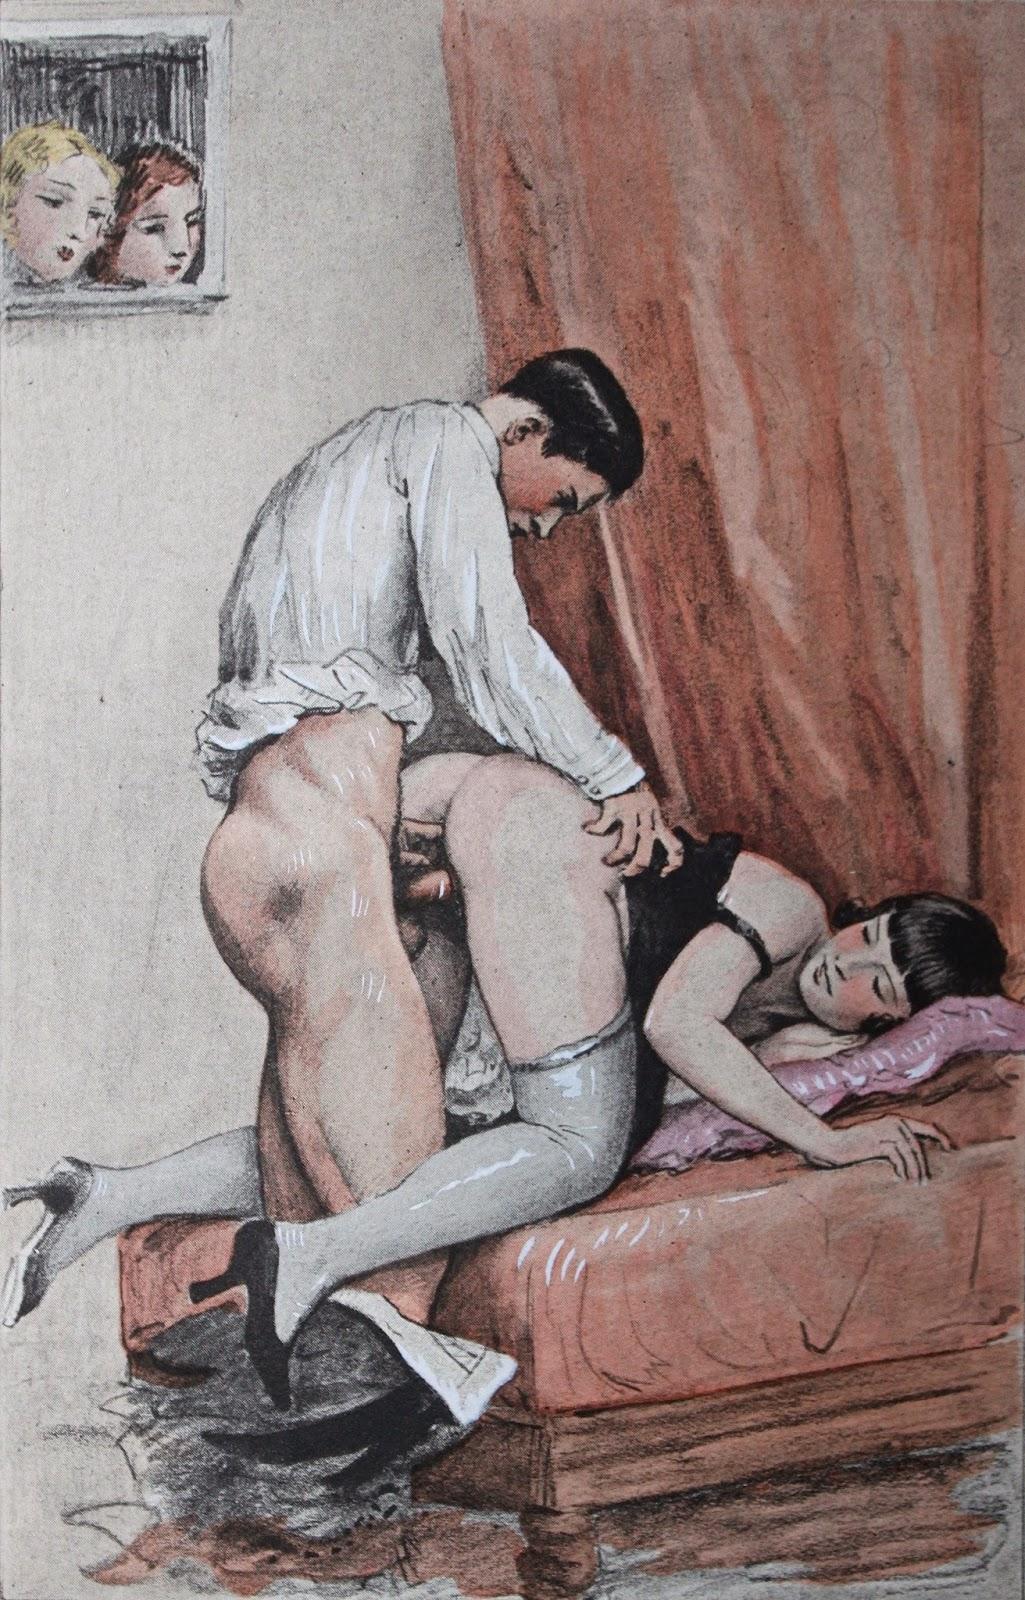 She jerk his dick